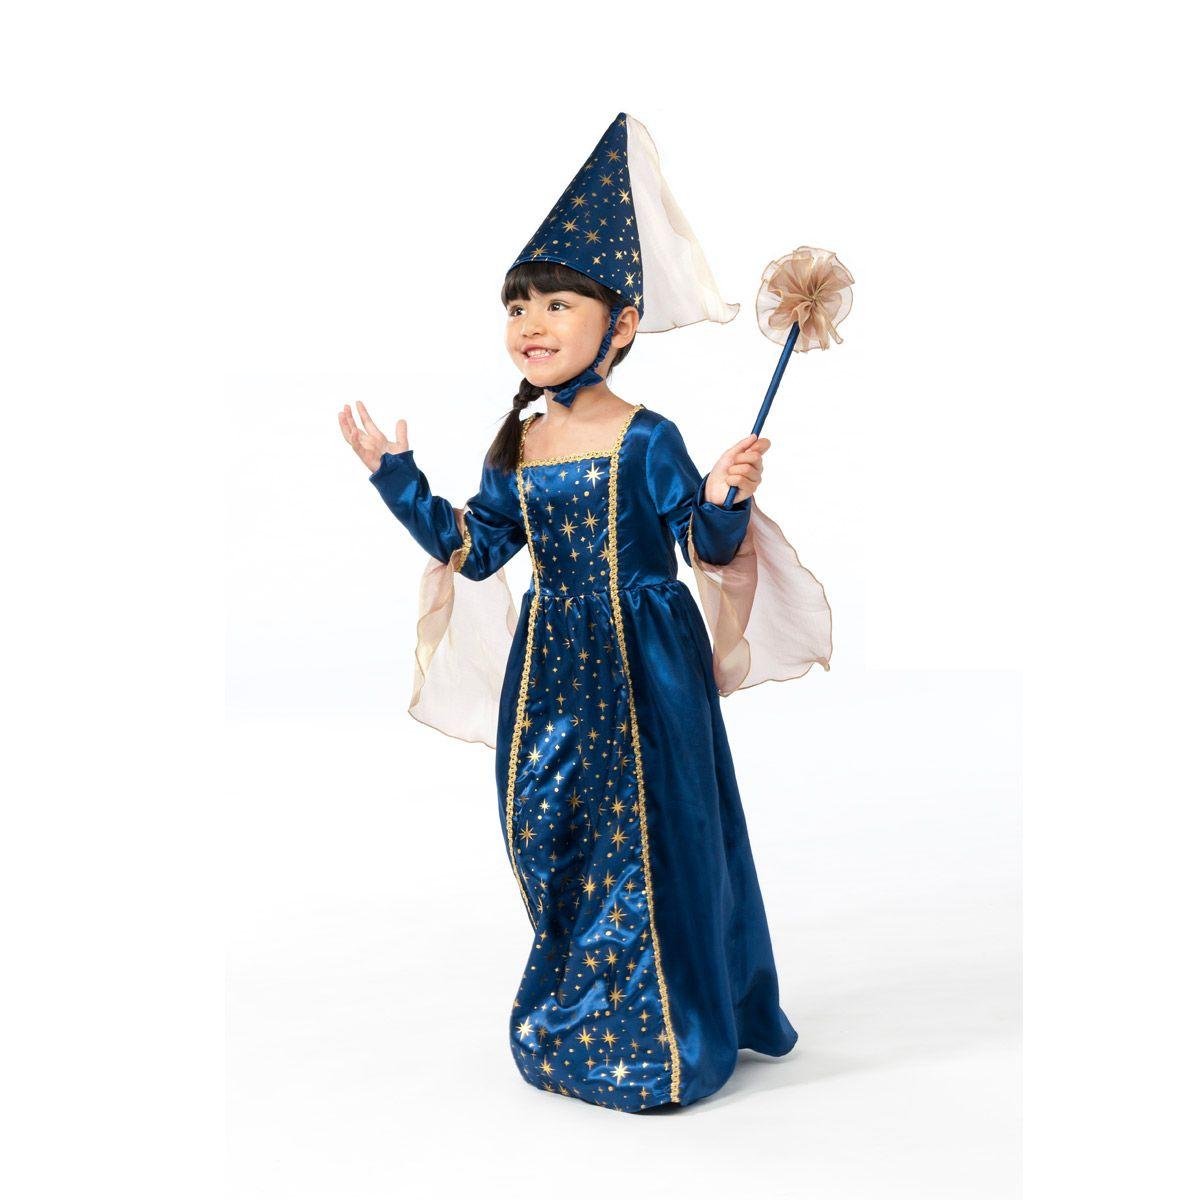 D guisement f e morgane 29 99 en un coup de baguette magique ce d guisement transforme la - Deguisement petite fille ...